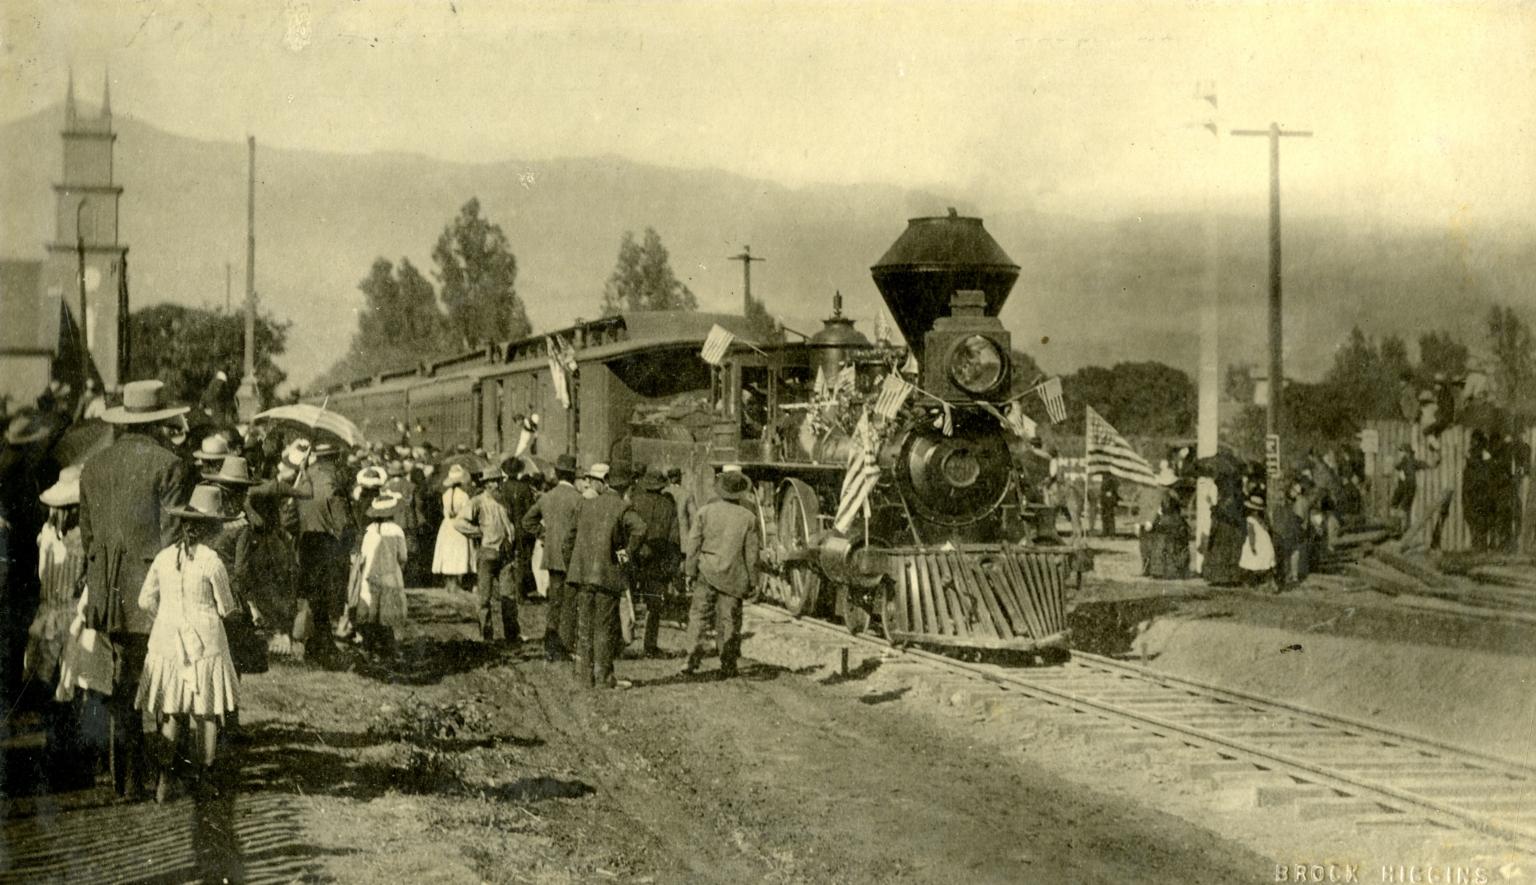 First Train in Santa Barbara